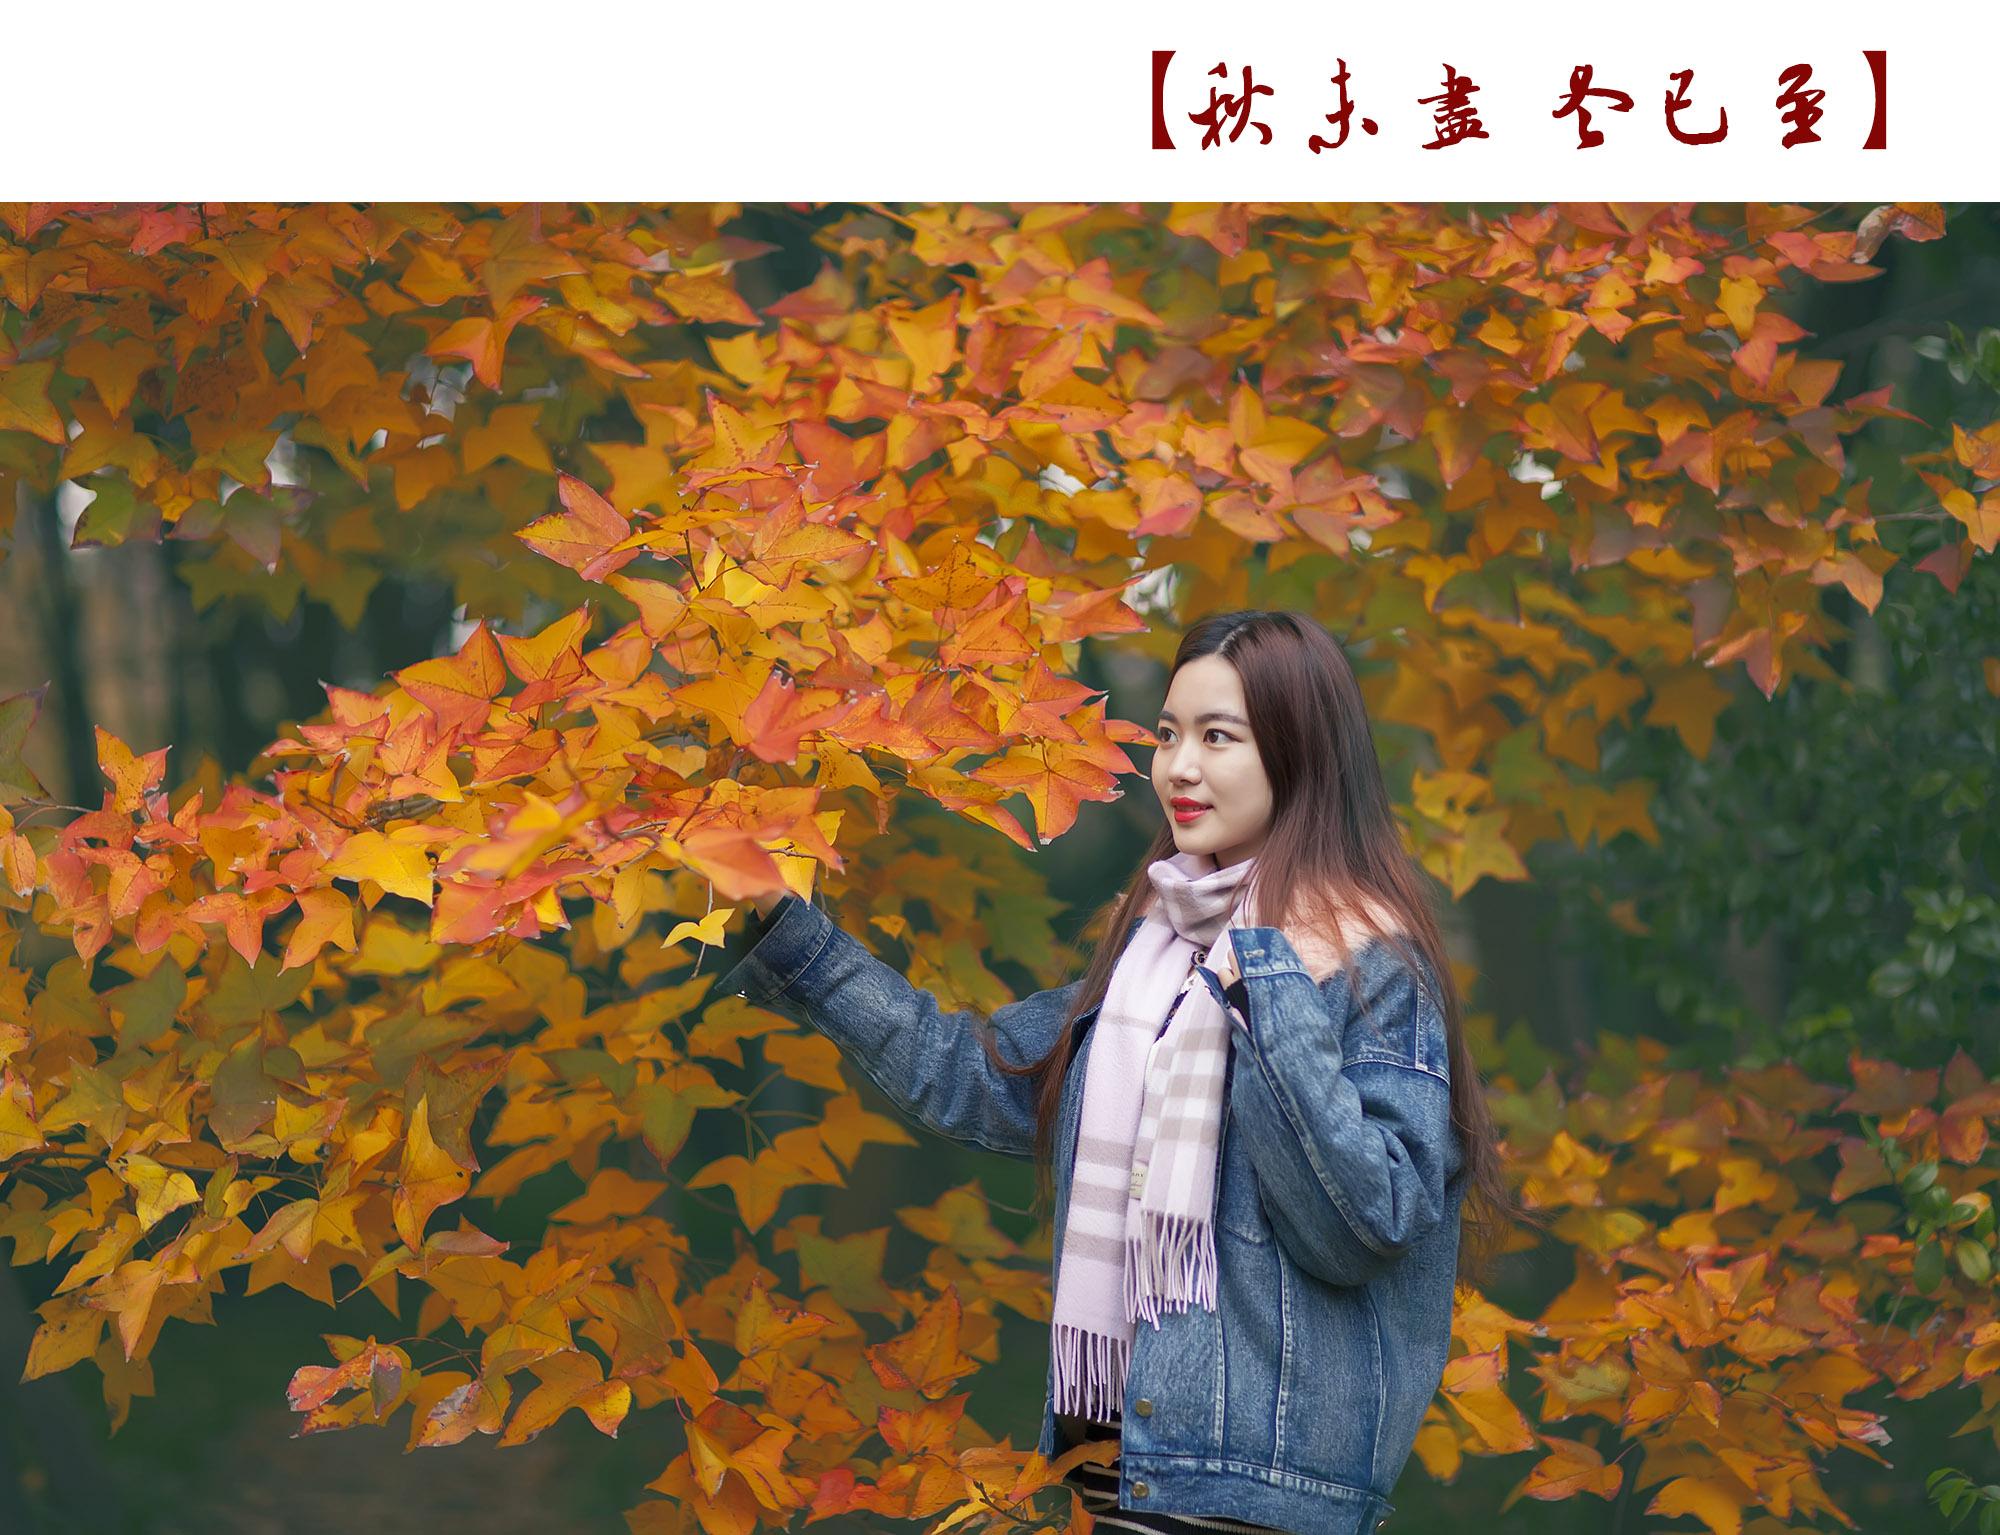 _MG_0533.jpg